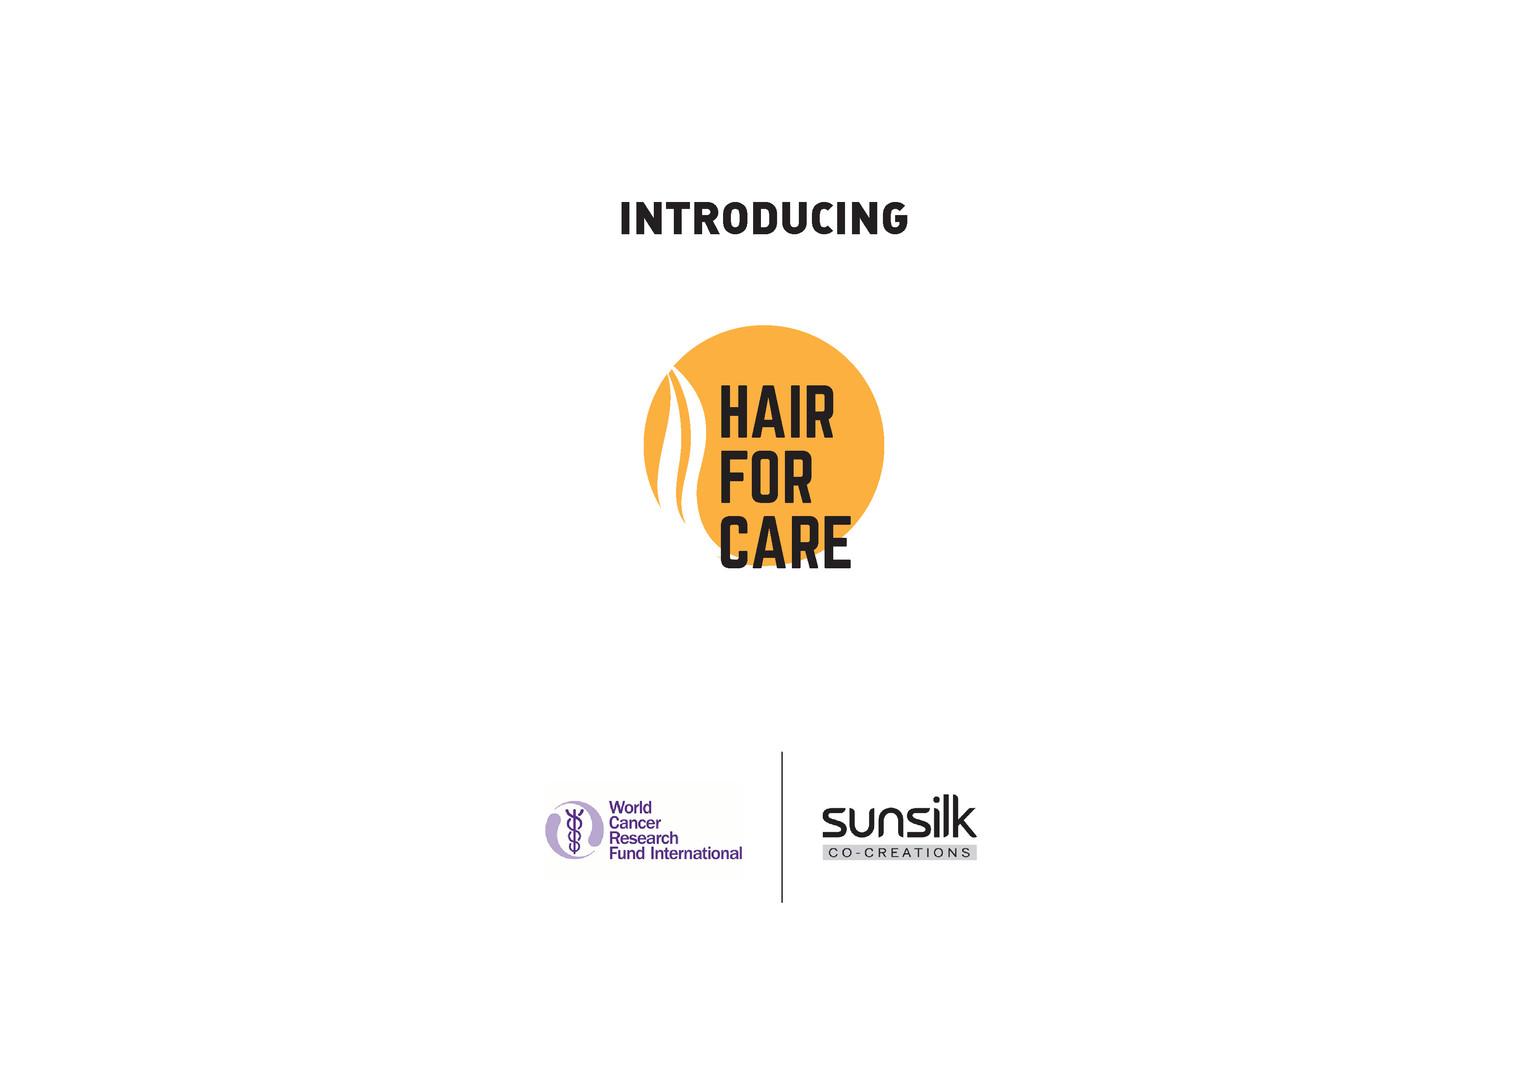 hairforcare-03.jpg